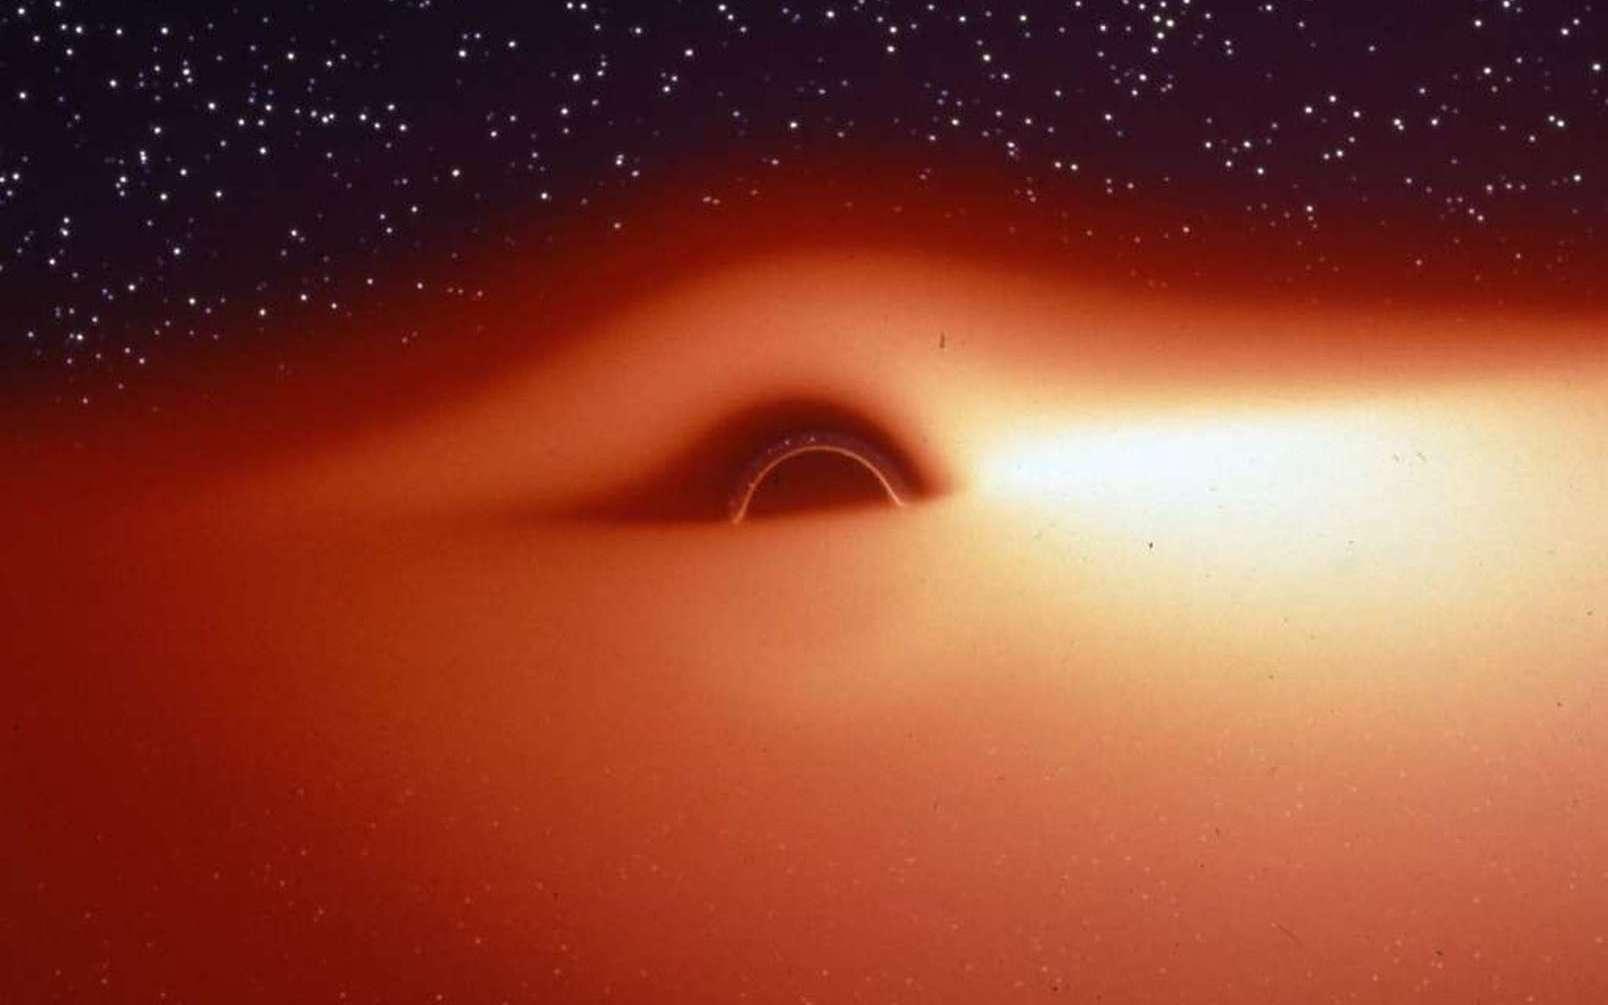 Une simulation réaliste montrant le disque d'accrétion chaud entourant un trou noir. © Jean-Pierre Luminet, Jean-Alain Marck